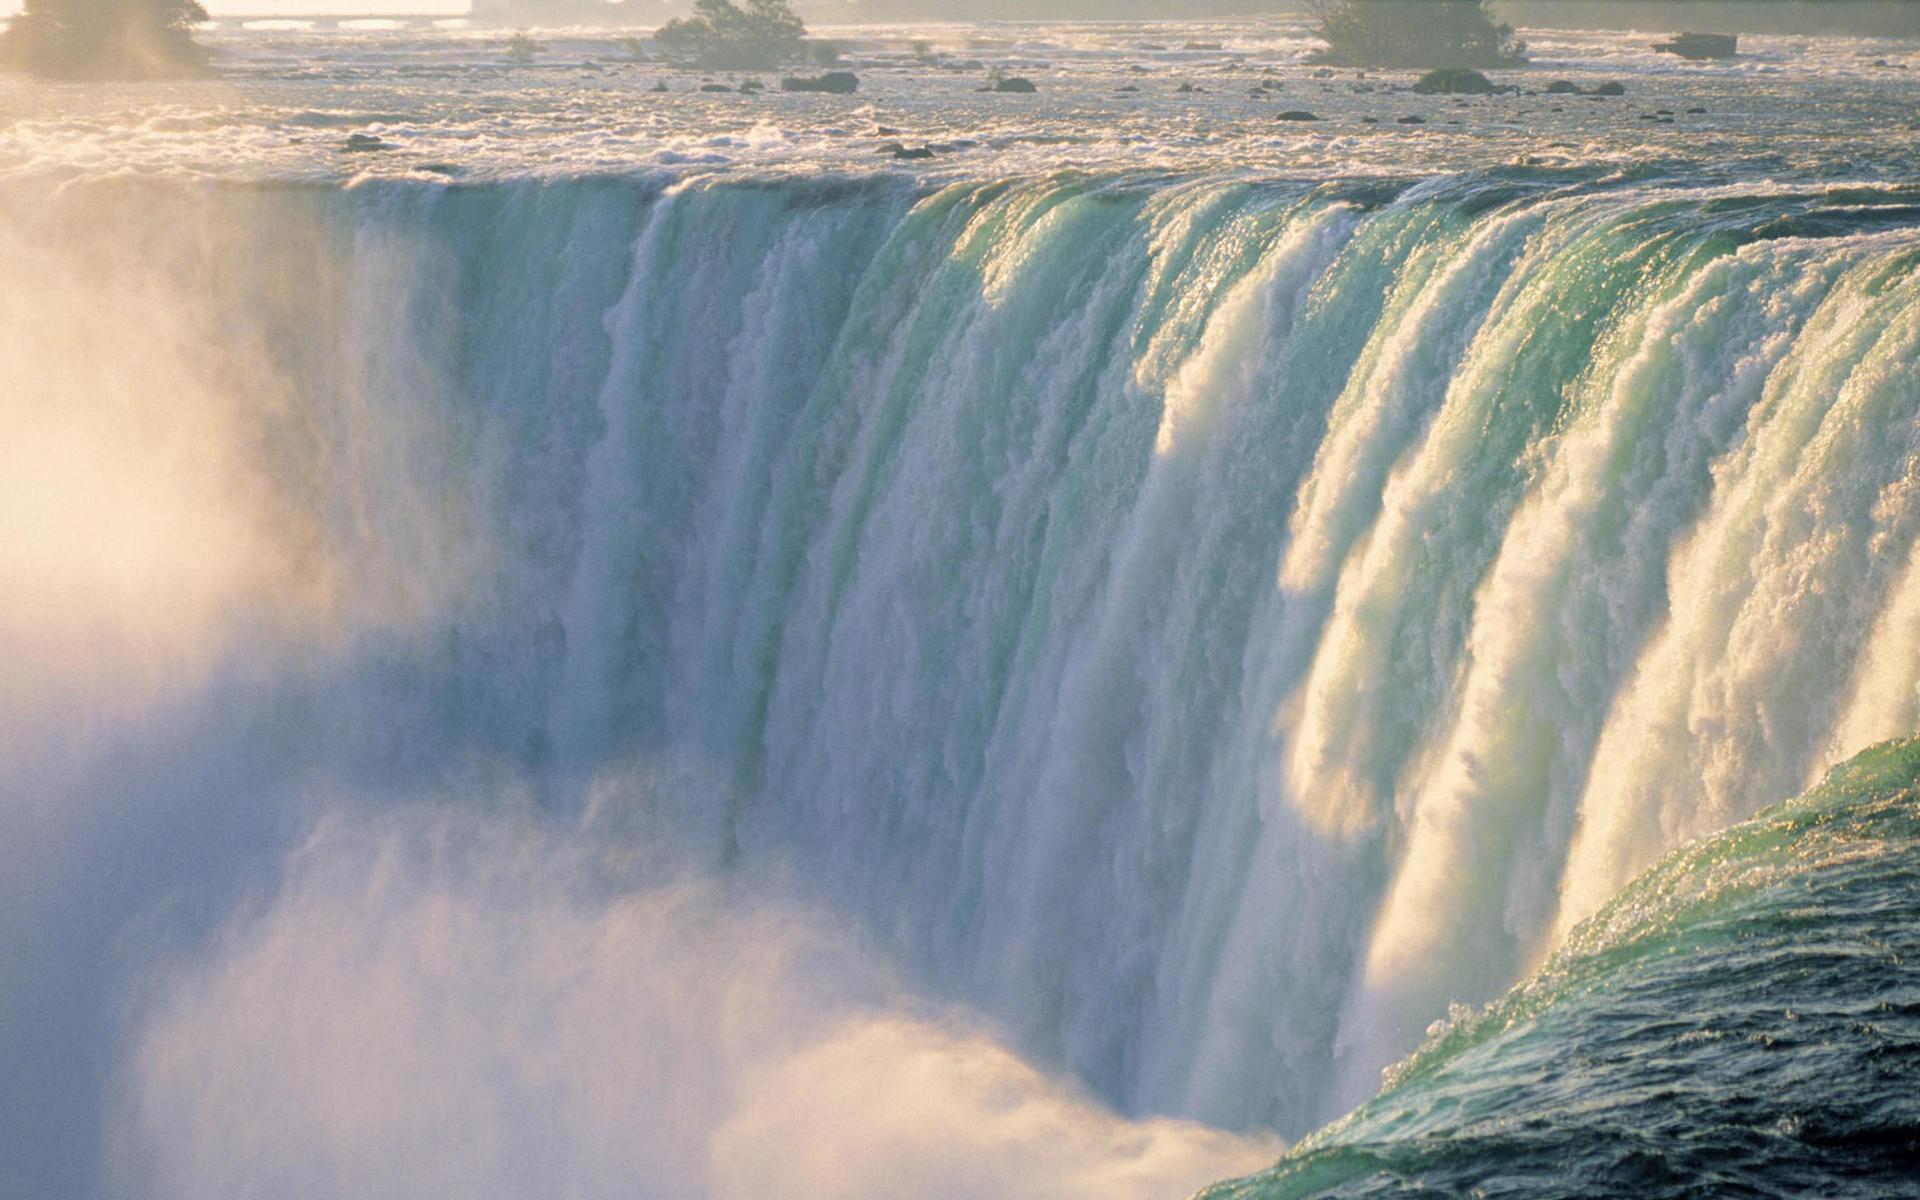 этого ниагарский водопад фото перенести на рабочий стол назван